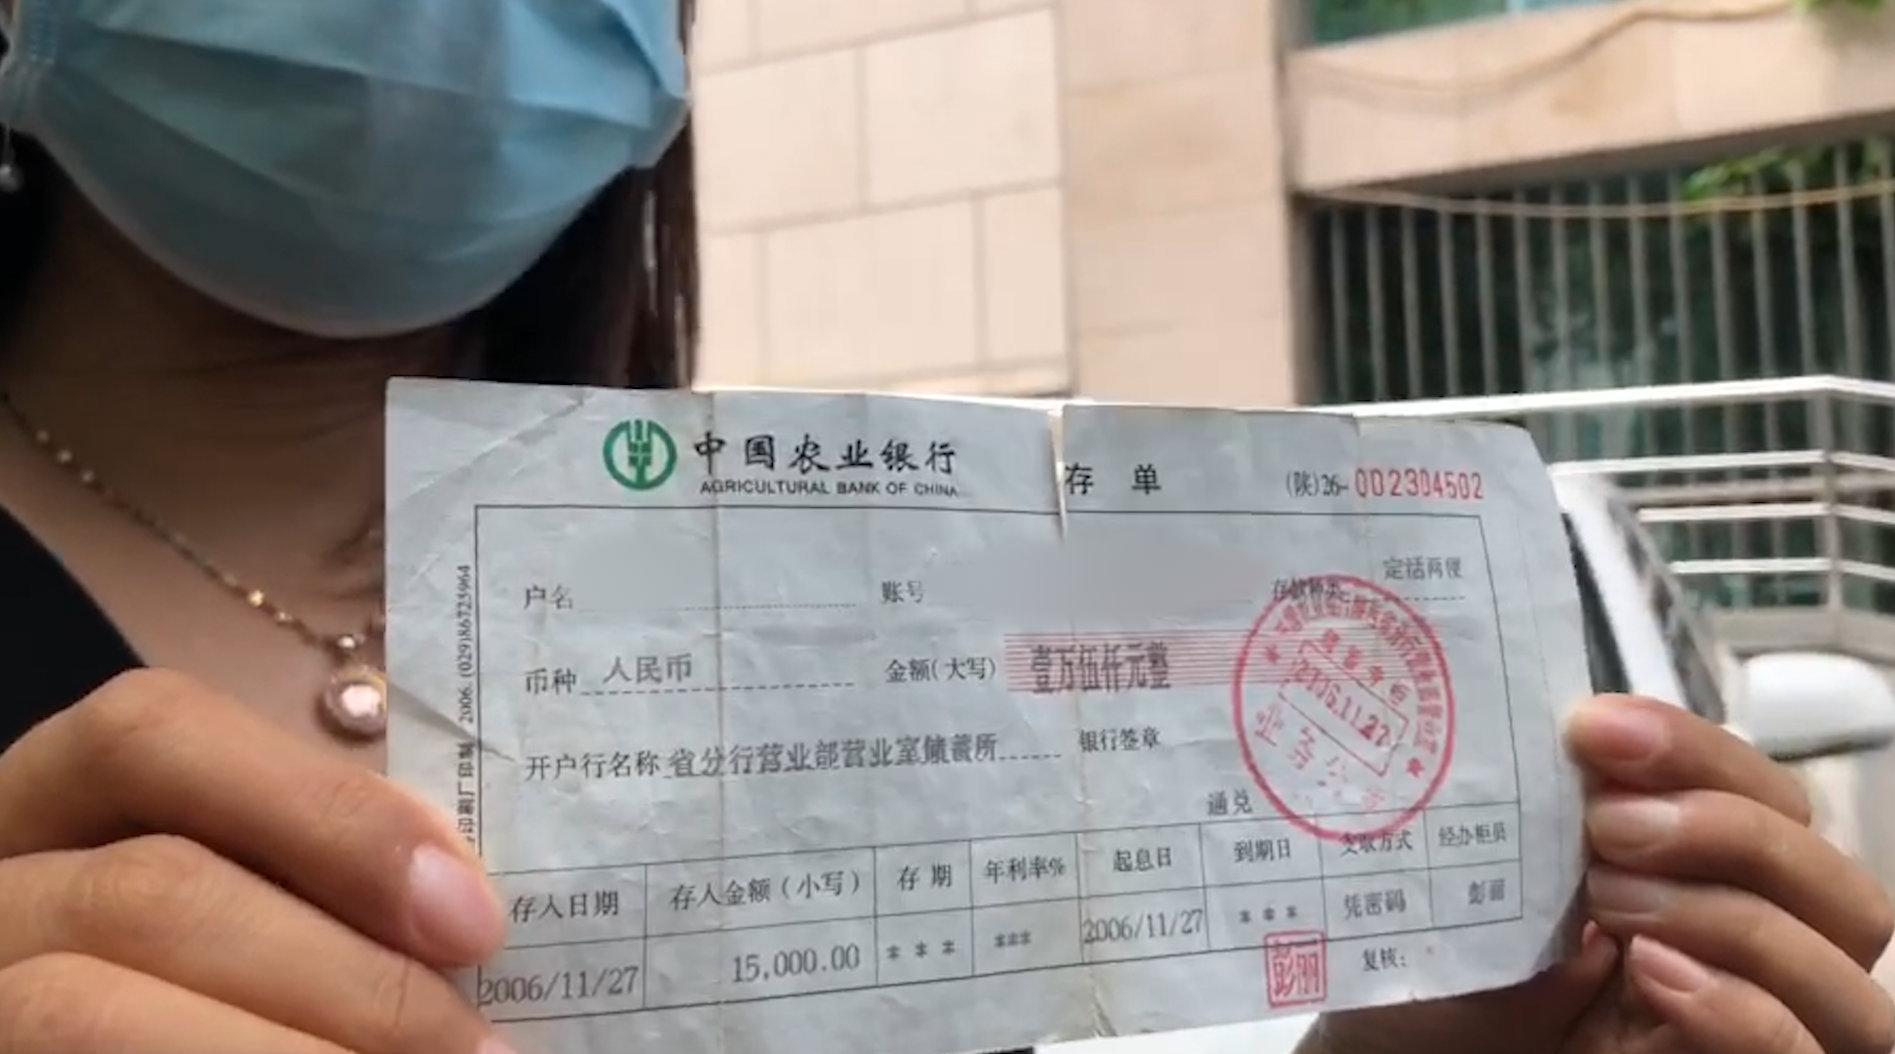 西安 女子14年前银行存款1.5万现在取不出